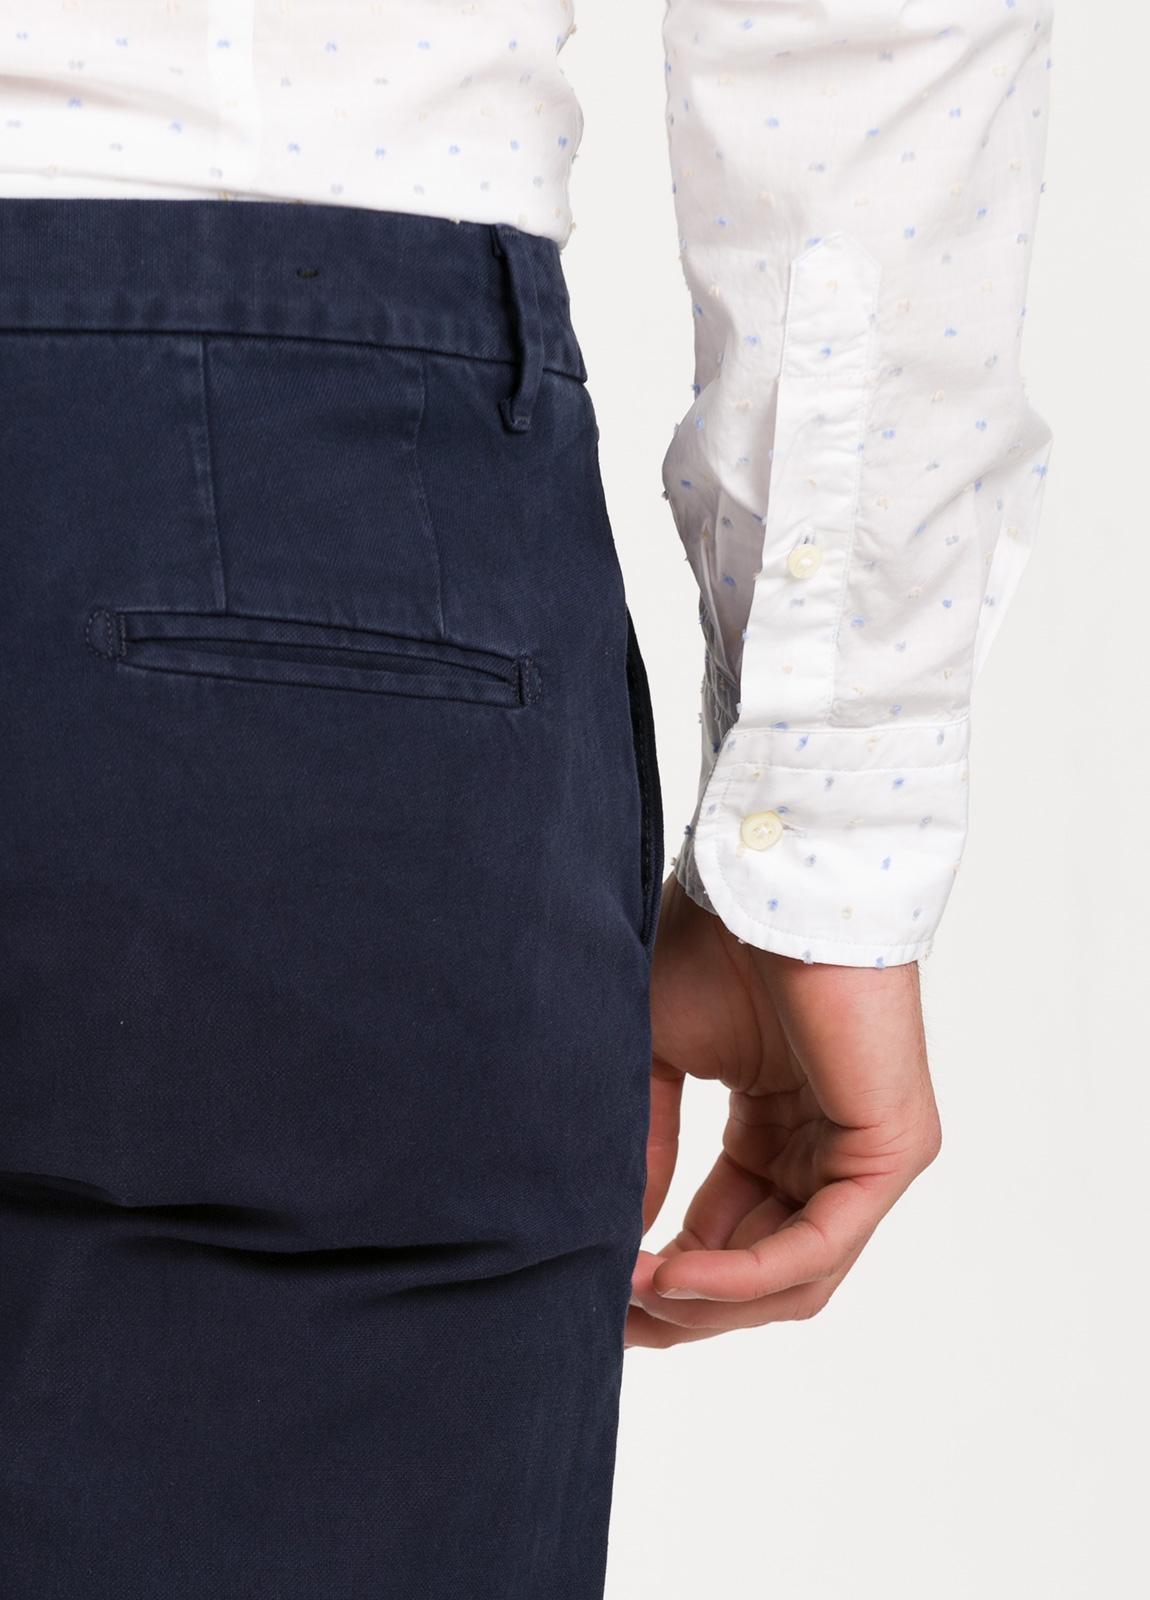 Pantalón chino regular slim fit , tejido elástico teñido en prenda color azul marino. 97% algodón 3% elastáno. - Ítem3